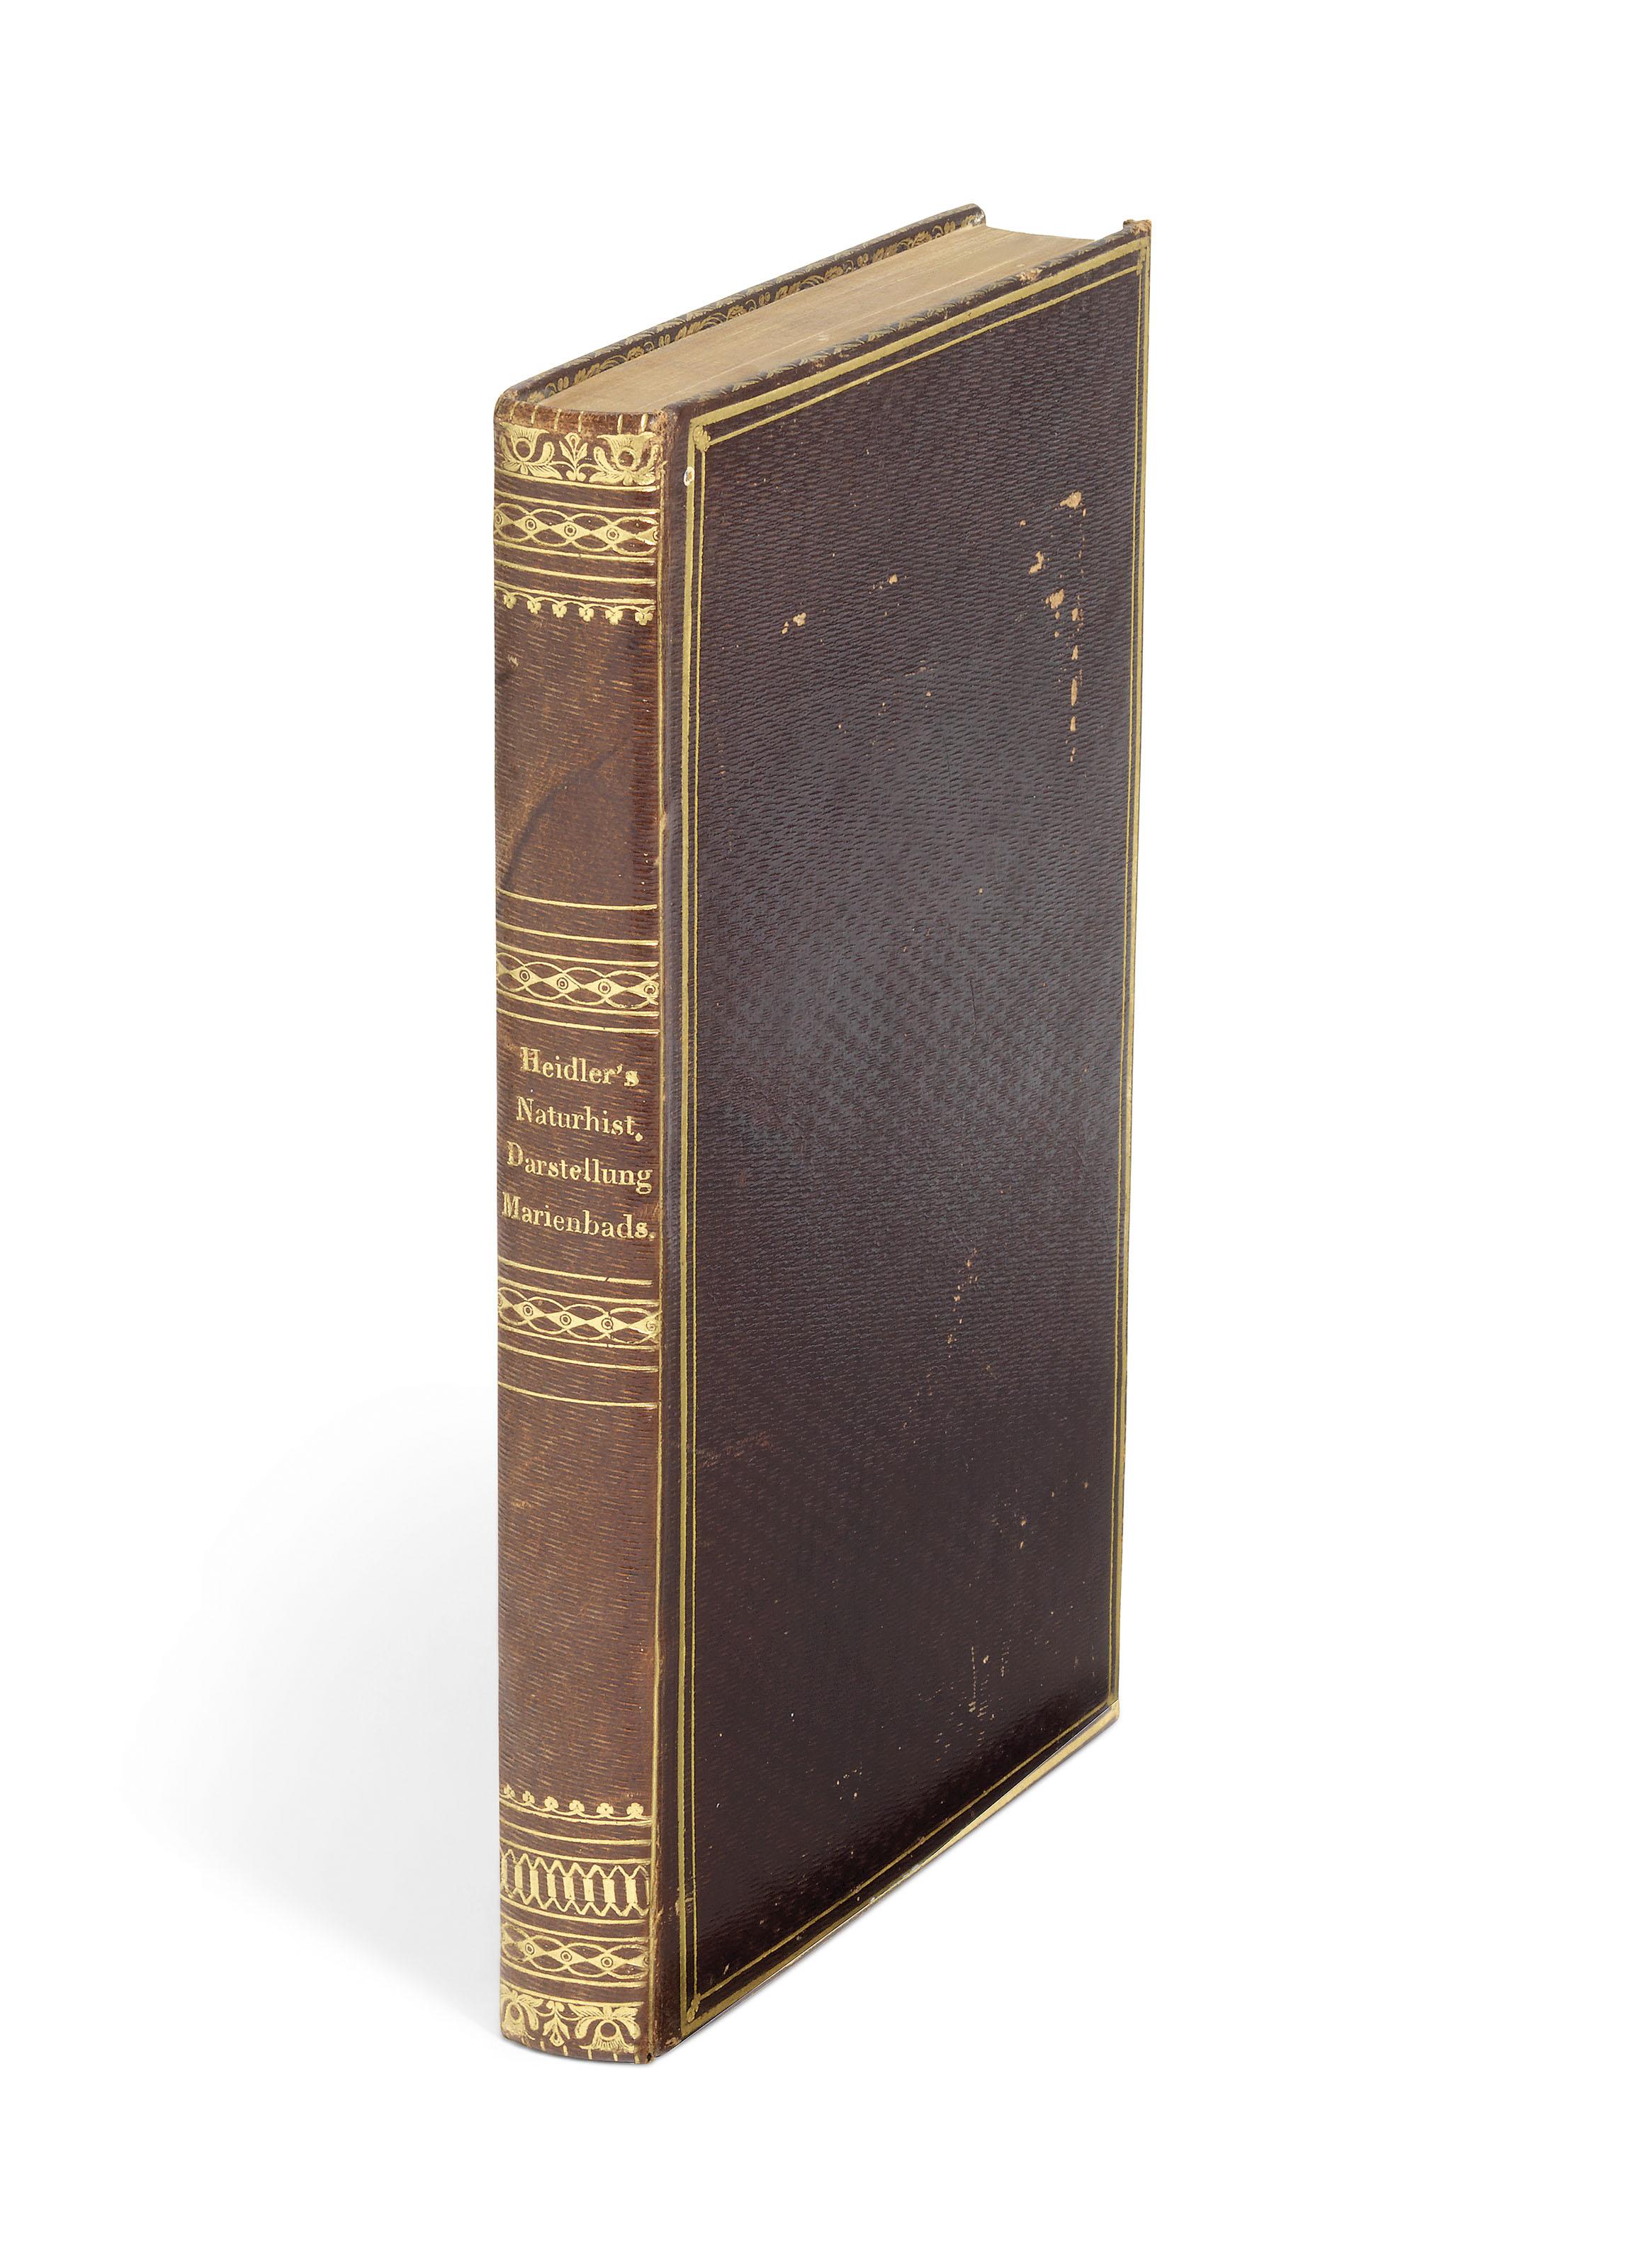 FREDERICK AUGUSTUS II, King of Saxony (1797-1854) and J. W. von GOETHE (1749-1832). Pflanzen und Gebirgsarten von Marienbad, gesammelt und beschreiben von Seiner Hoheit ... und von ... J. W. von Goethe; erganzt, und mit einem Anhange uber die andern naturhistorischen Verhaltnisse des Curortes von C. J. Heidler. Prague: Kronberger & Weber, 1837.